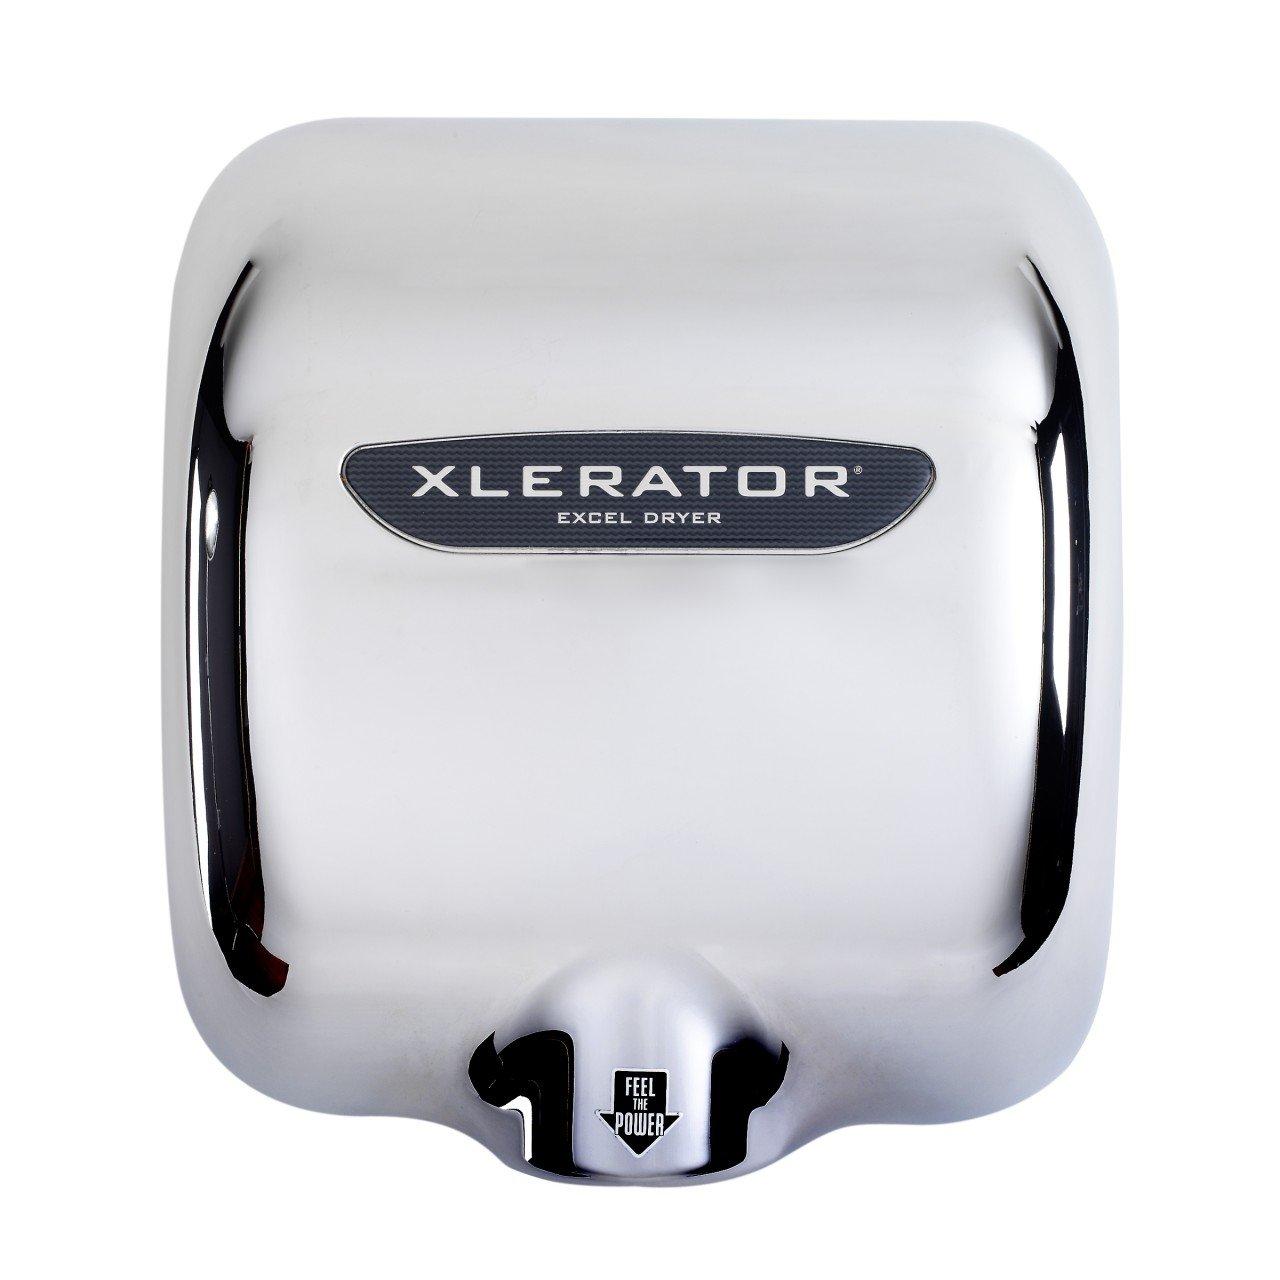 Excel Dryer Xlerator XL-CX Hand Dryer - 277 Volt